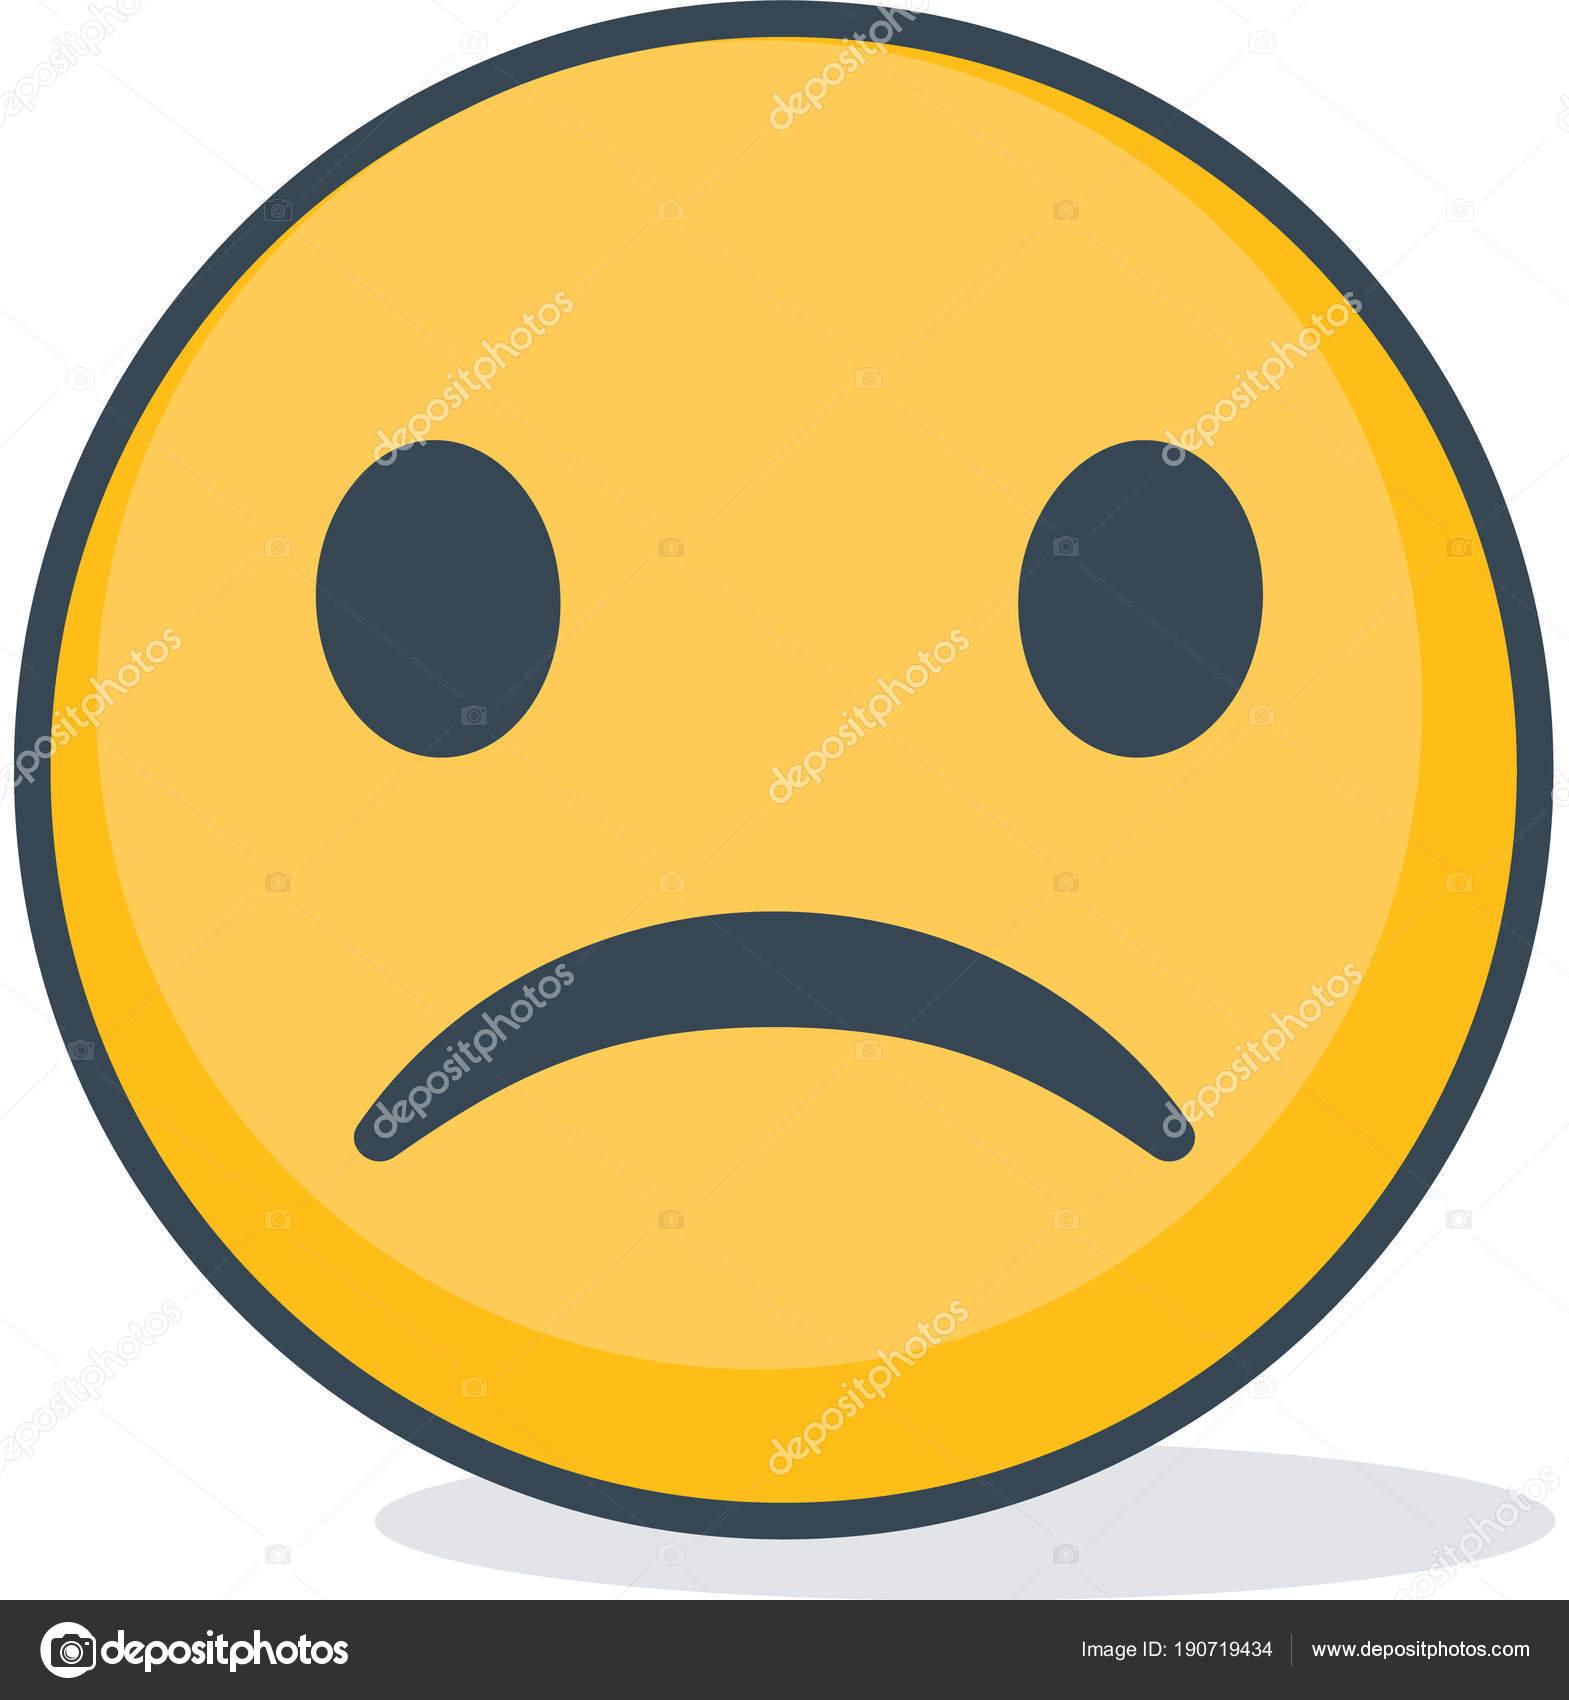 foto de Faccina triste isolato Emoticon isolato Vettoriali Stock © onopko24 #190719434